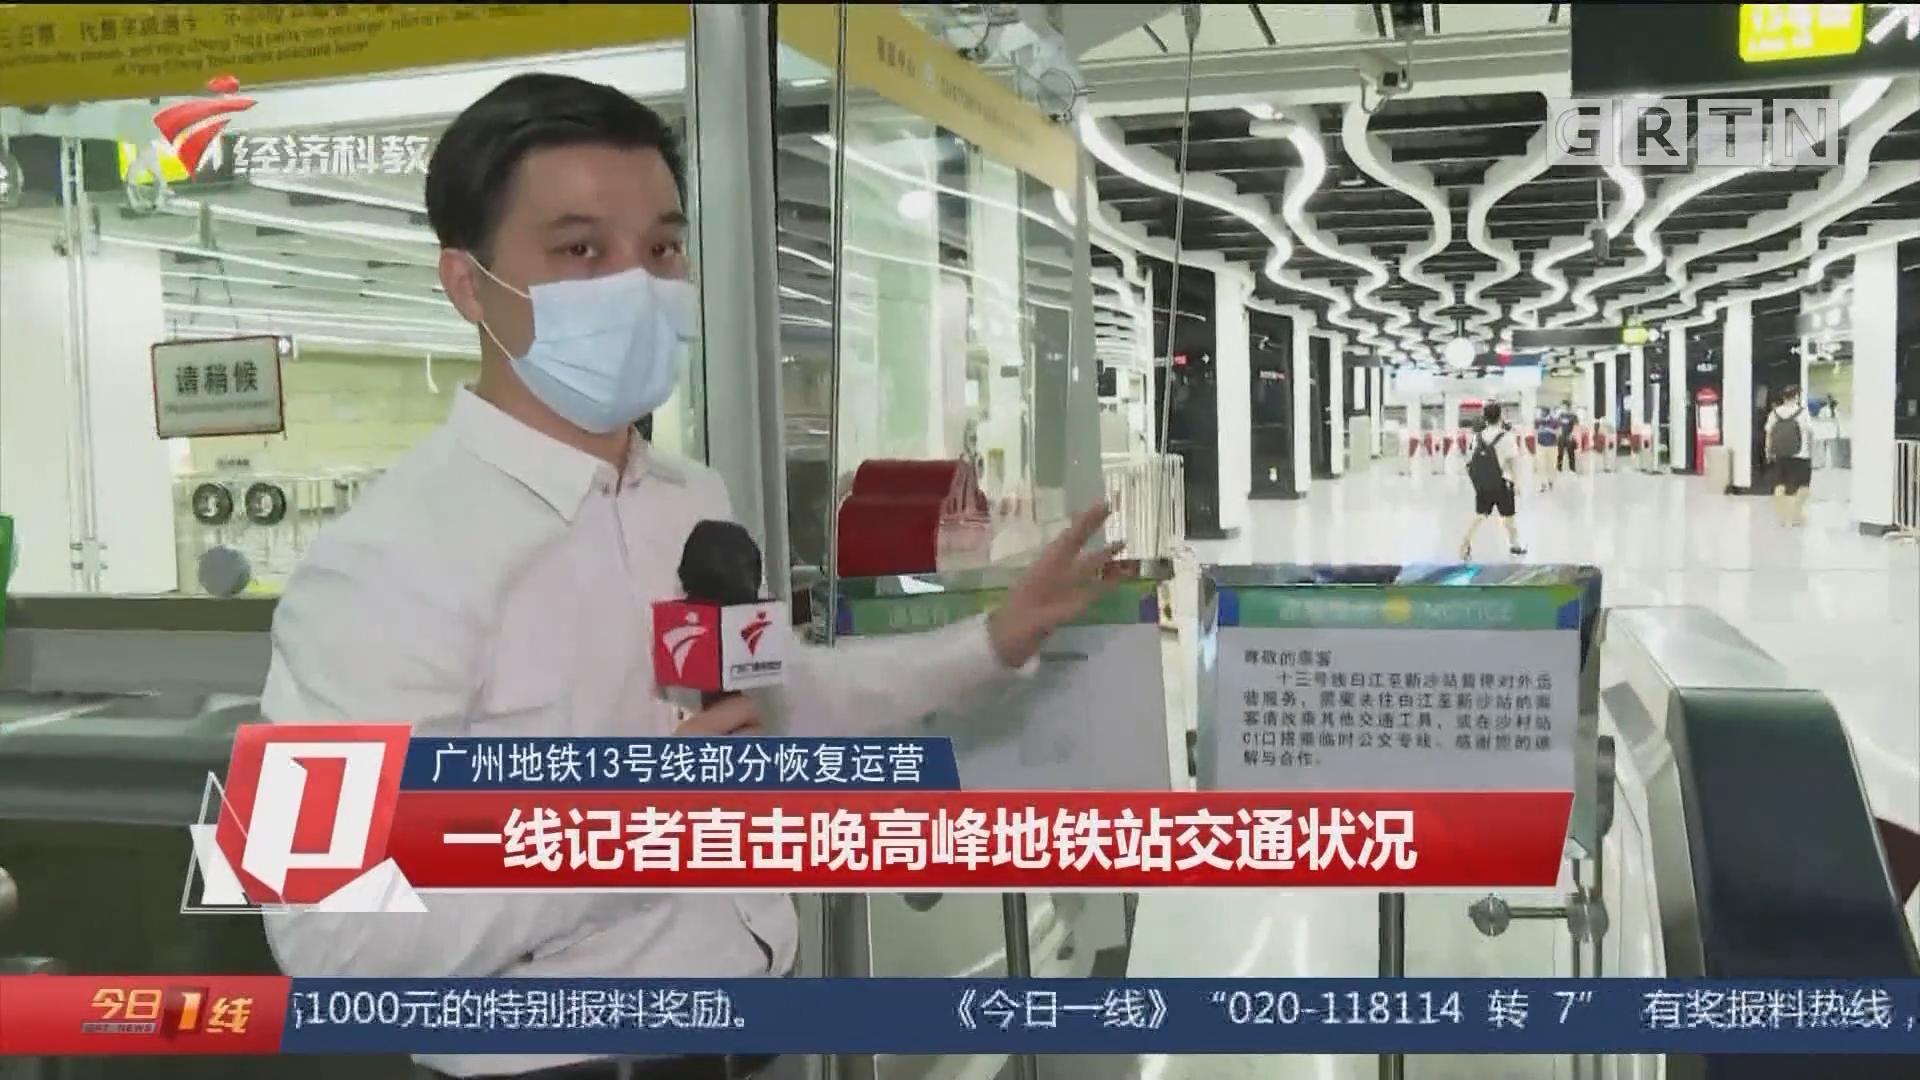 廣州地鐵13號線部分恢復運營 一線記者直擊晚高峰地鐵站交通狀況